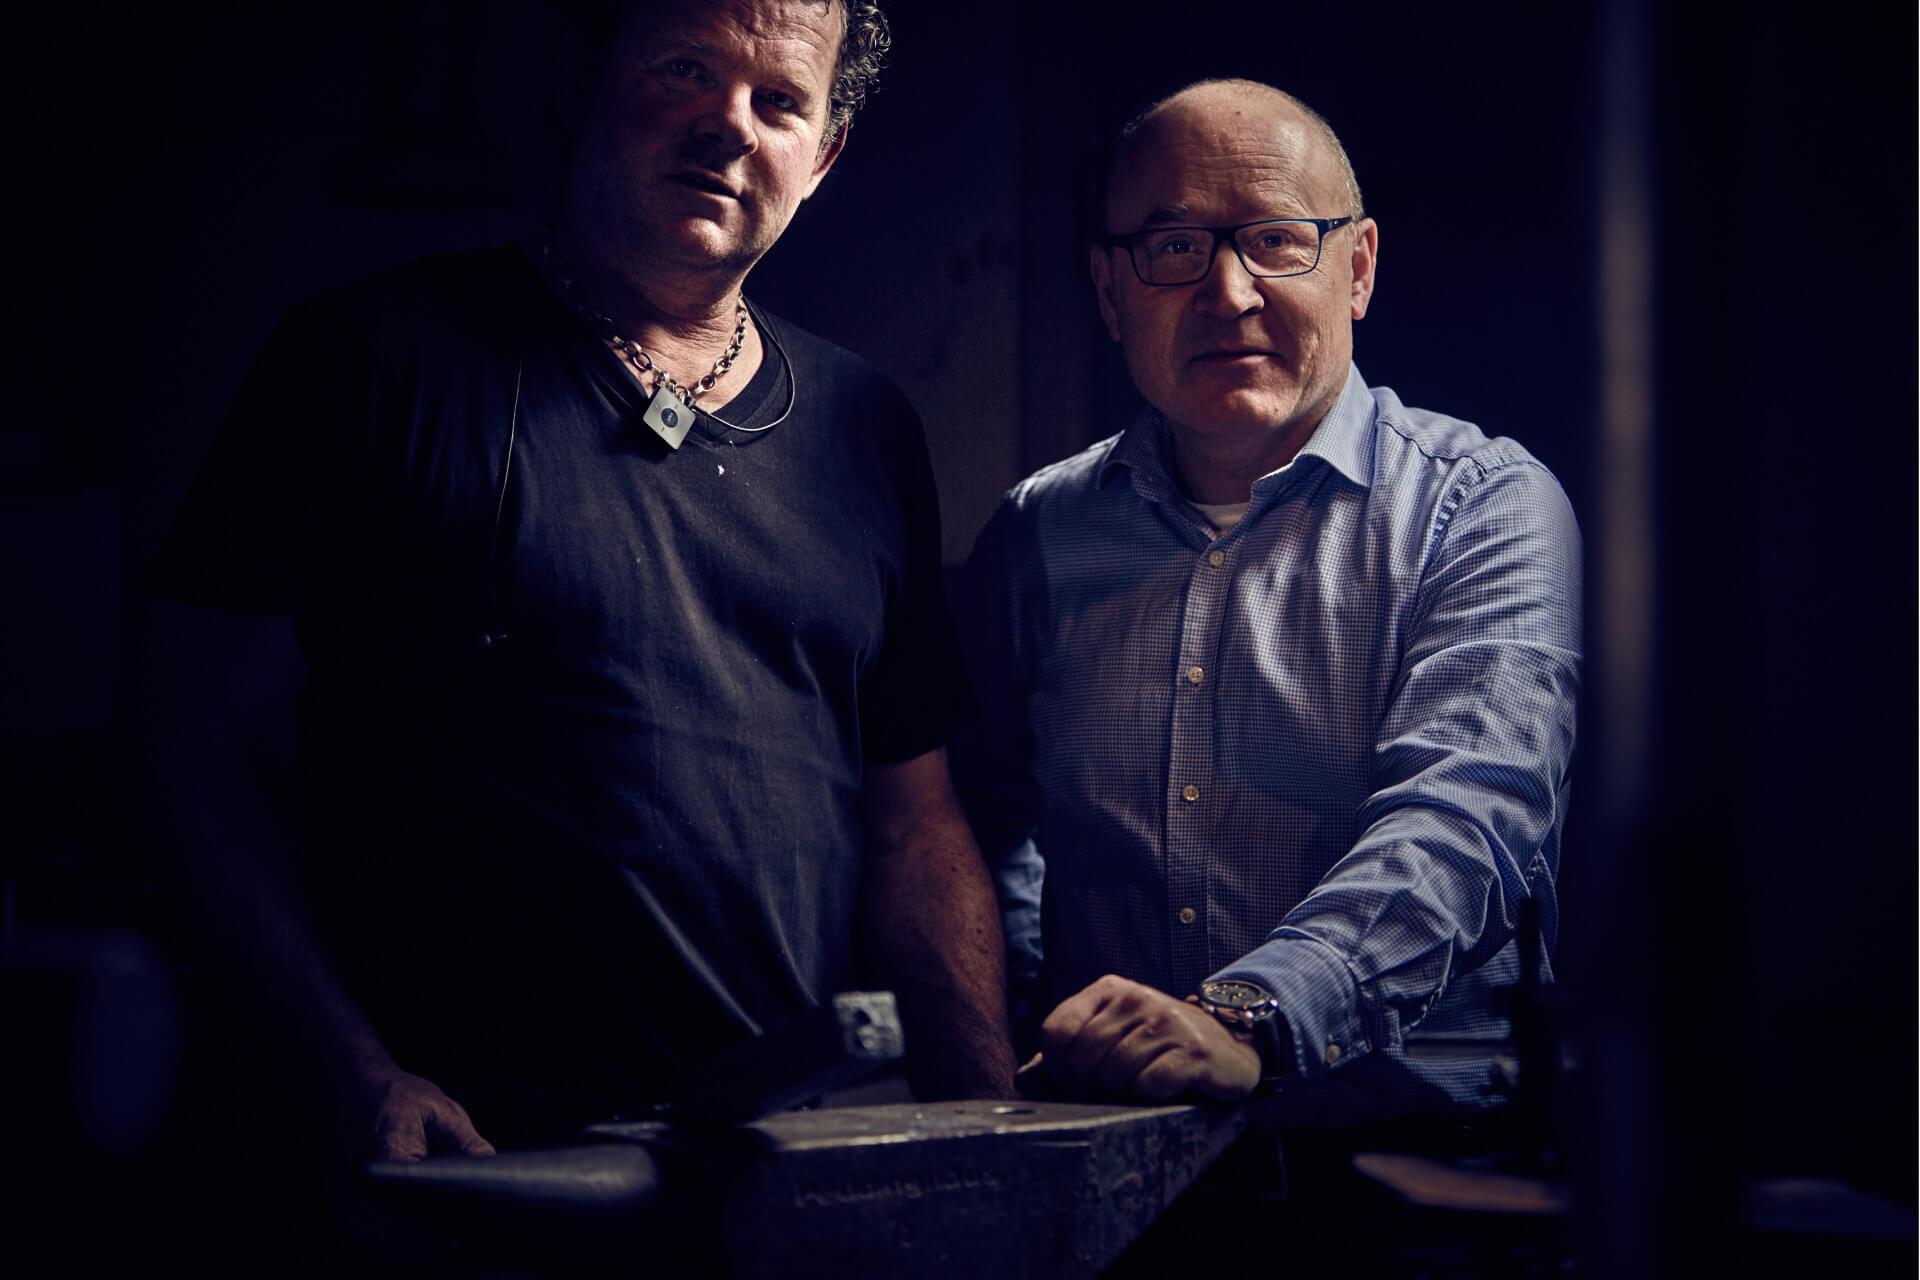 Johan_Gustafsson_and_Patrik_Sjögren.